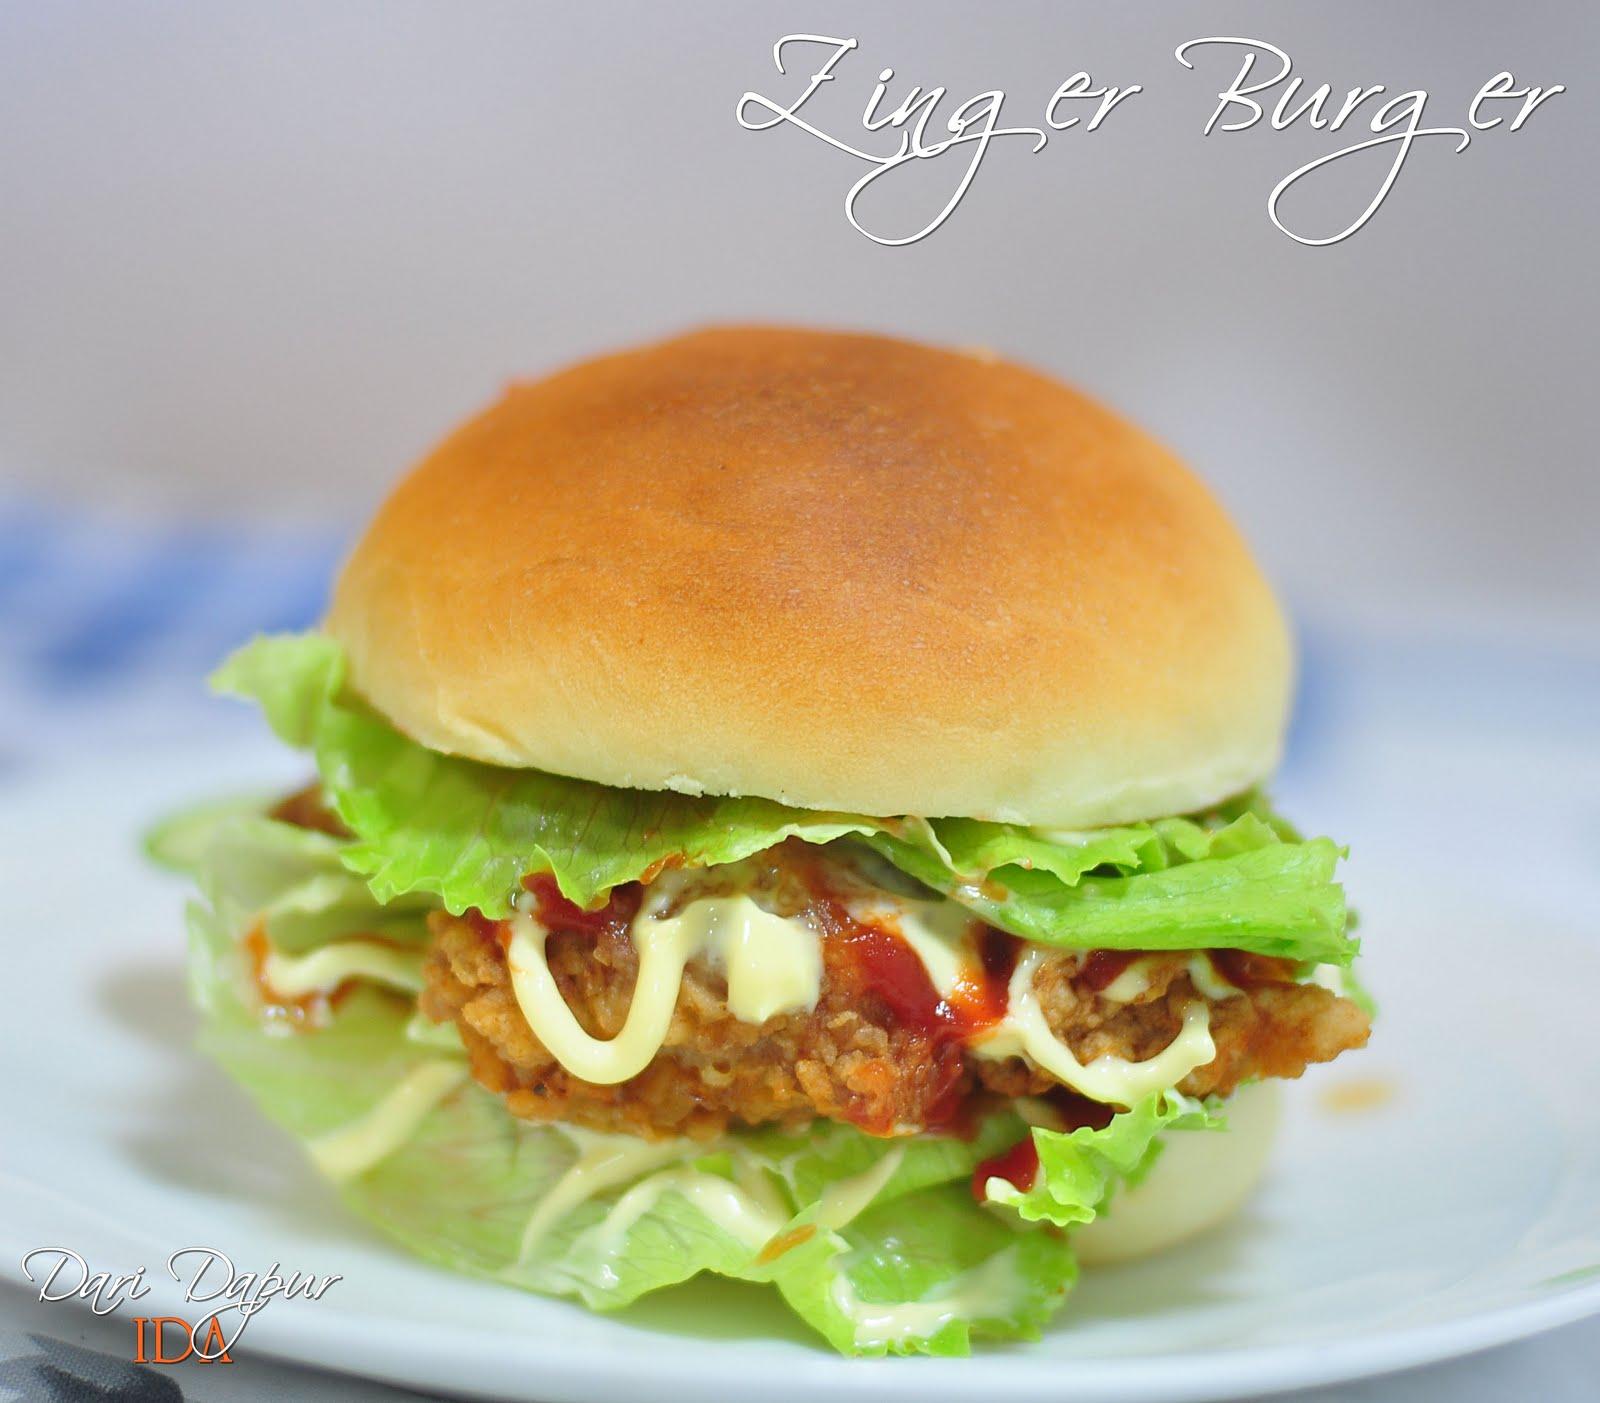 zinger+burger Resep Indonesia CaraBiasa.com